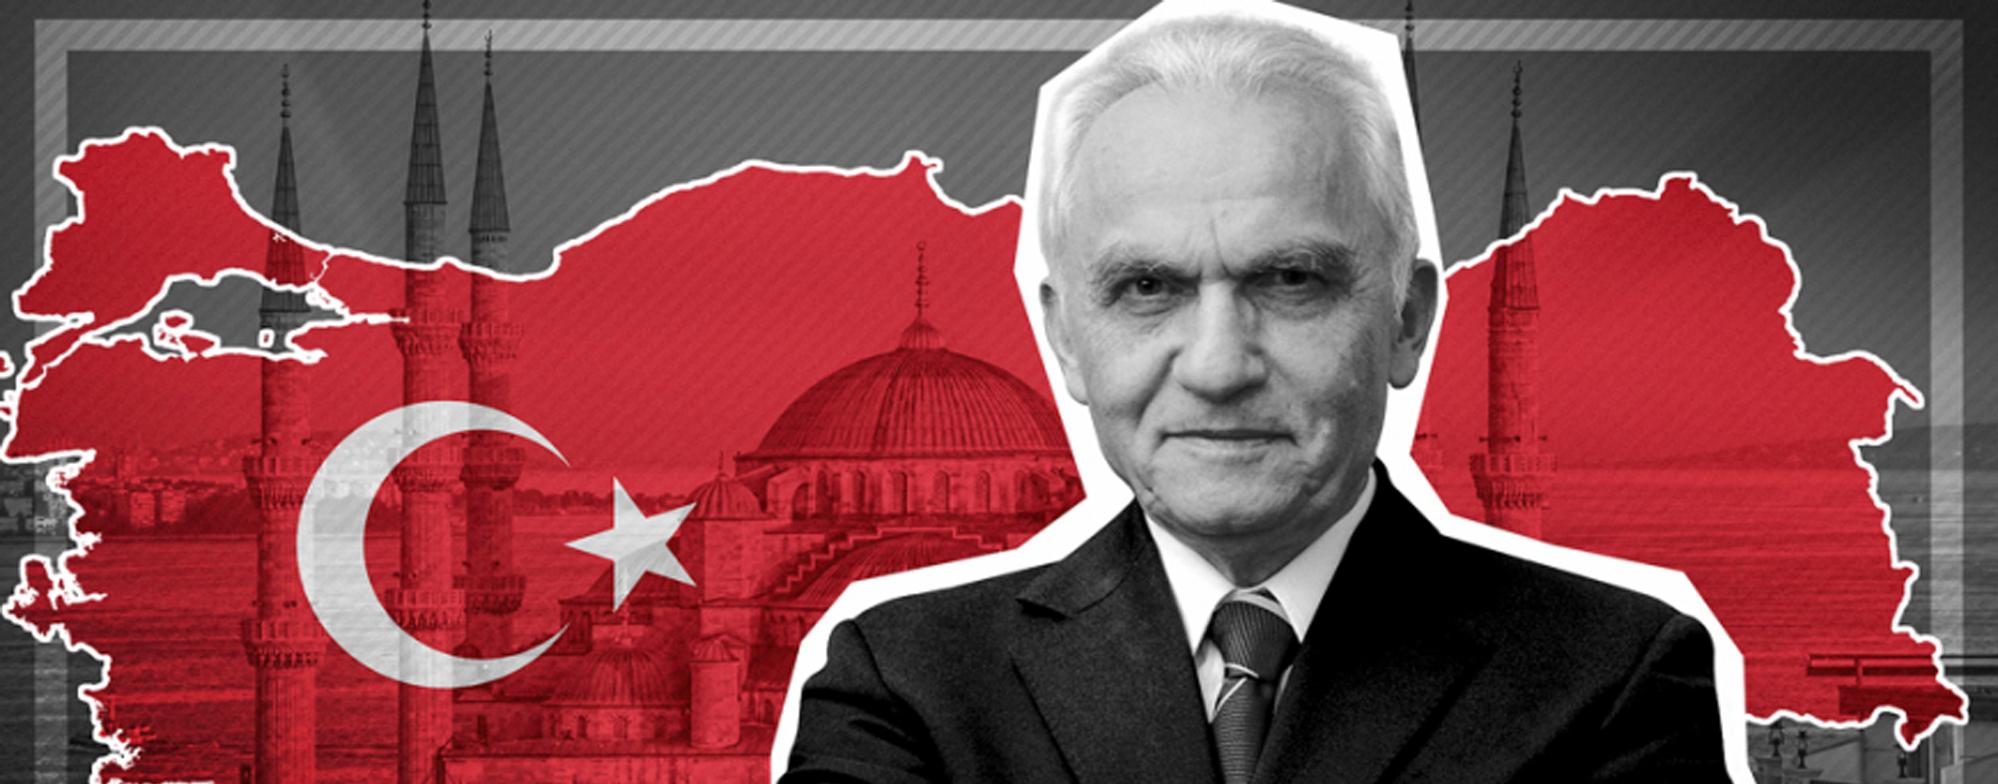 В Турции призвали Эрдогана признать Крым российским